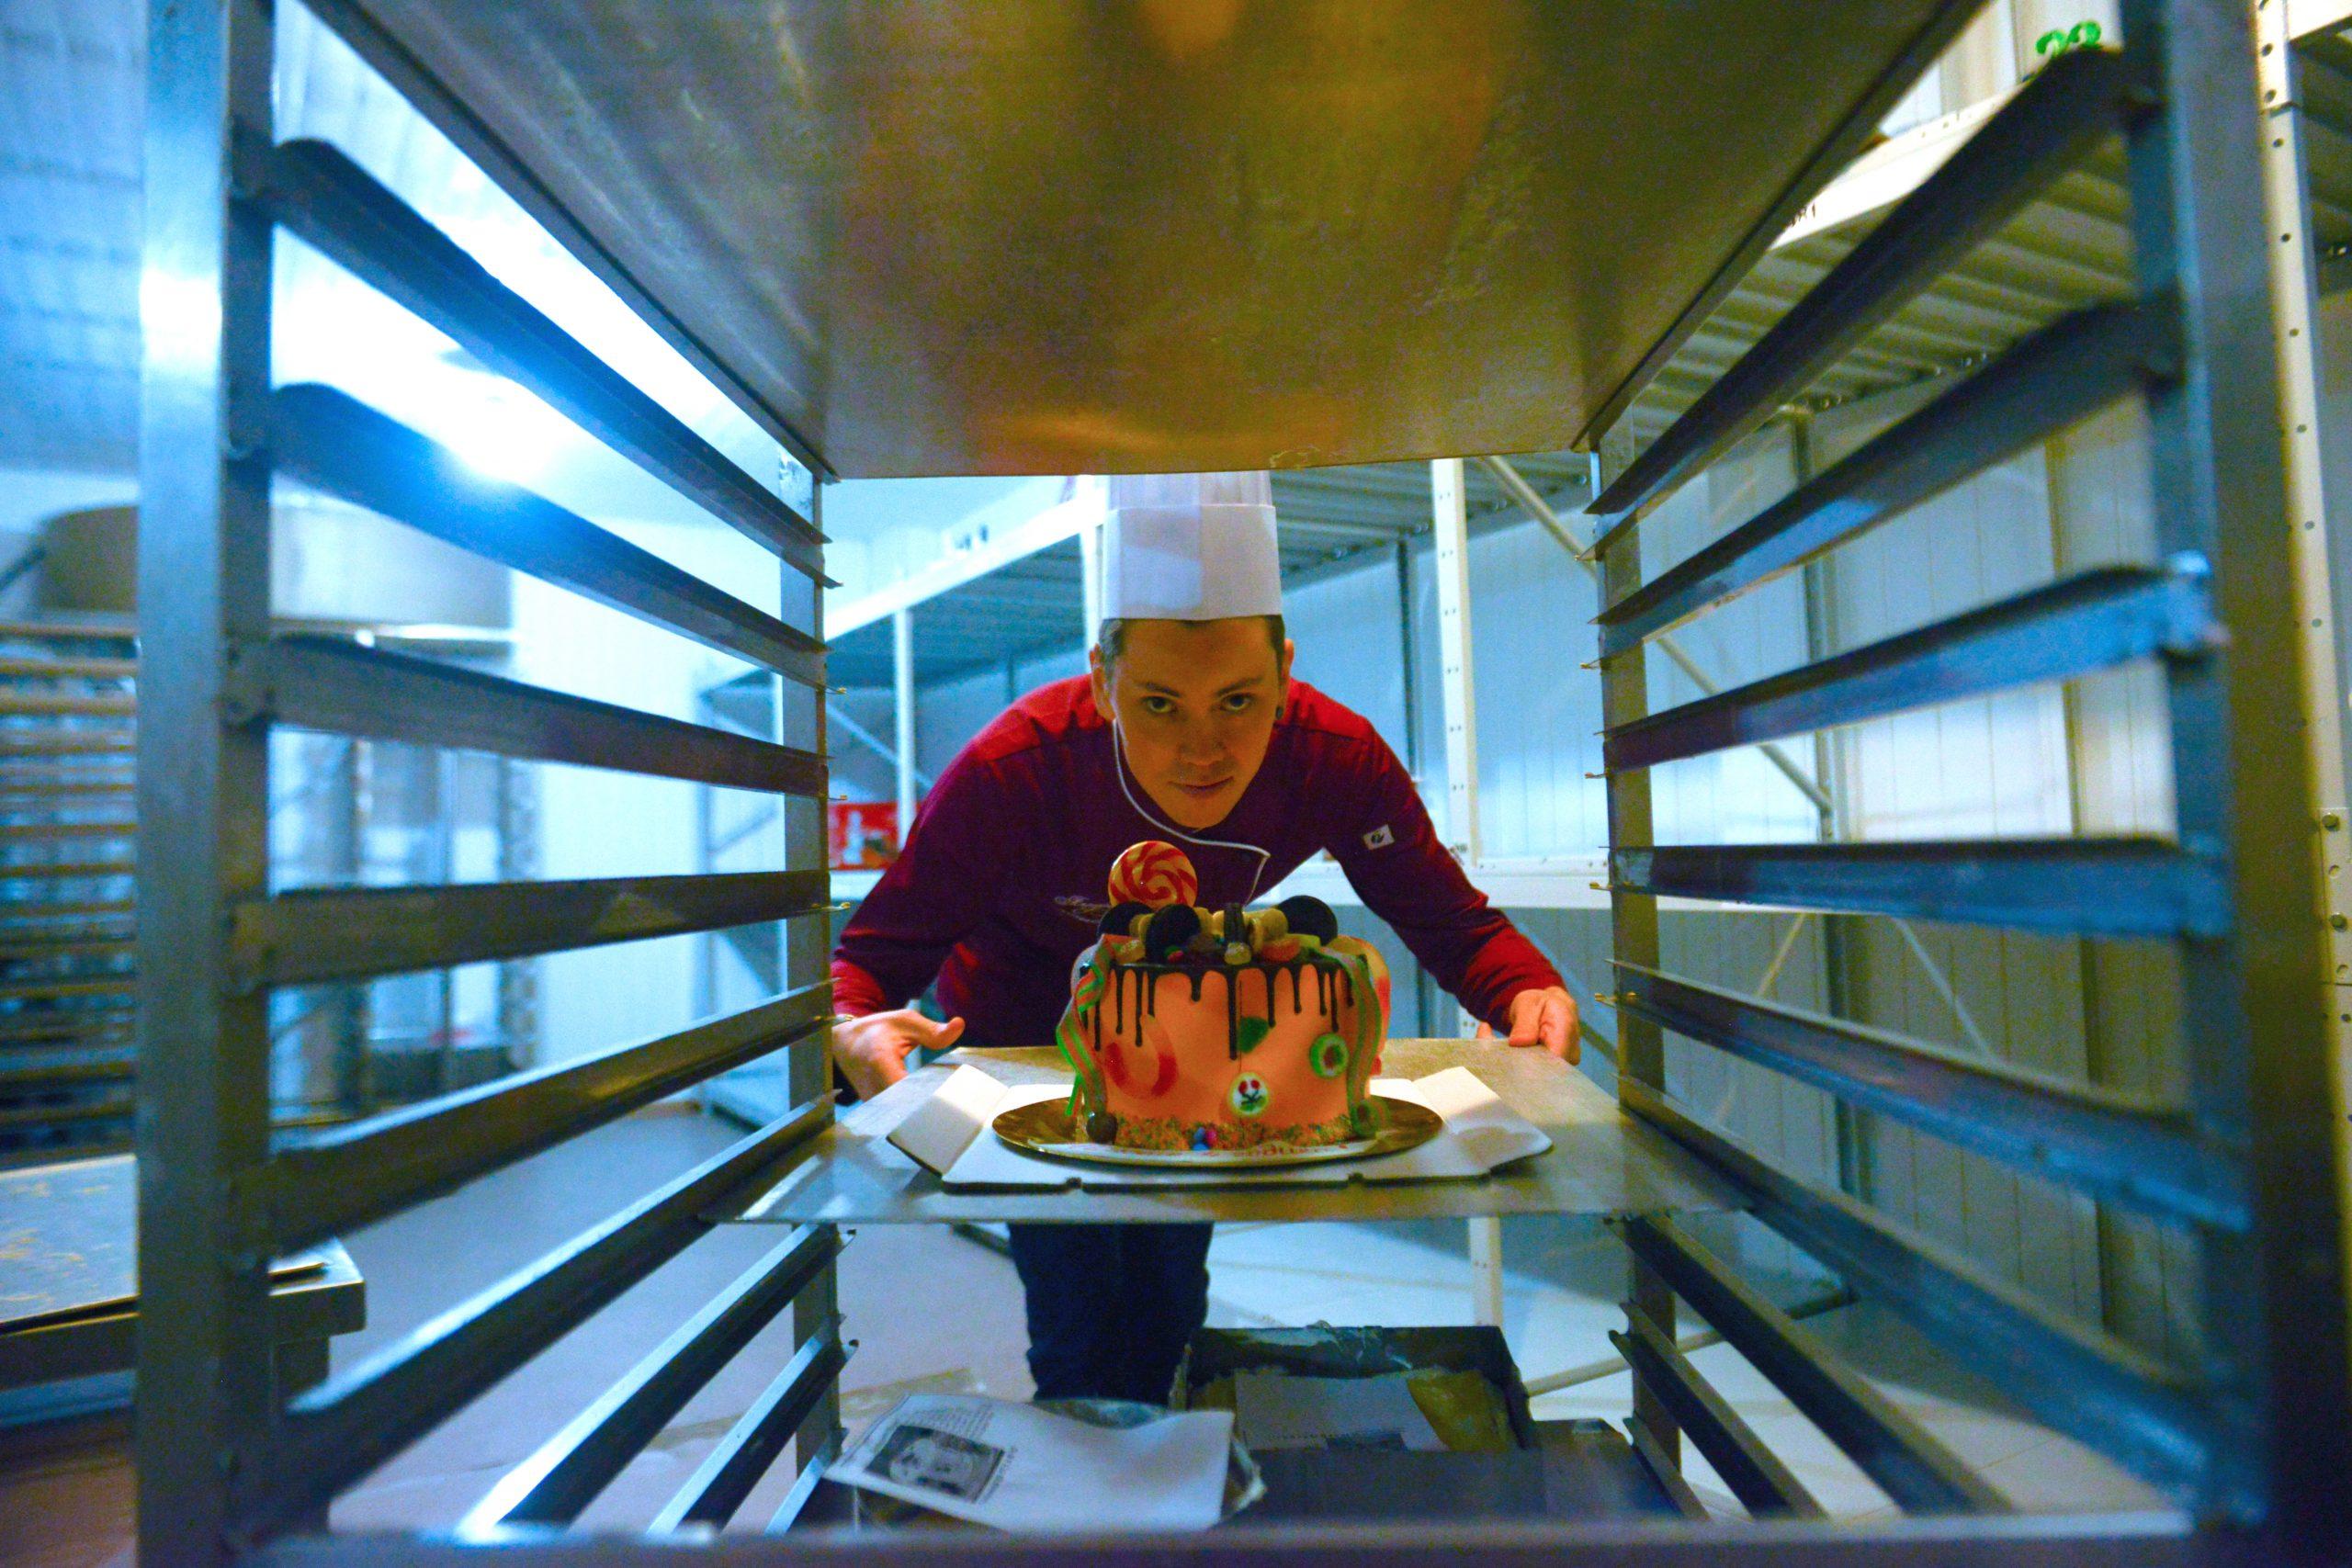 Кондитеры Москвы продали почти 70 тонн сладостей за рубеж в прошлом году